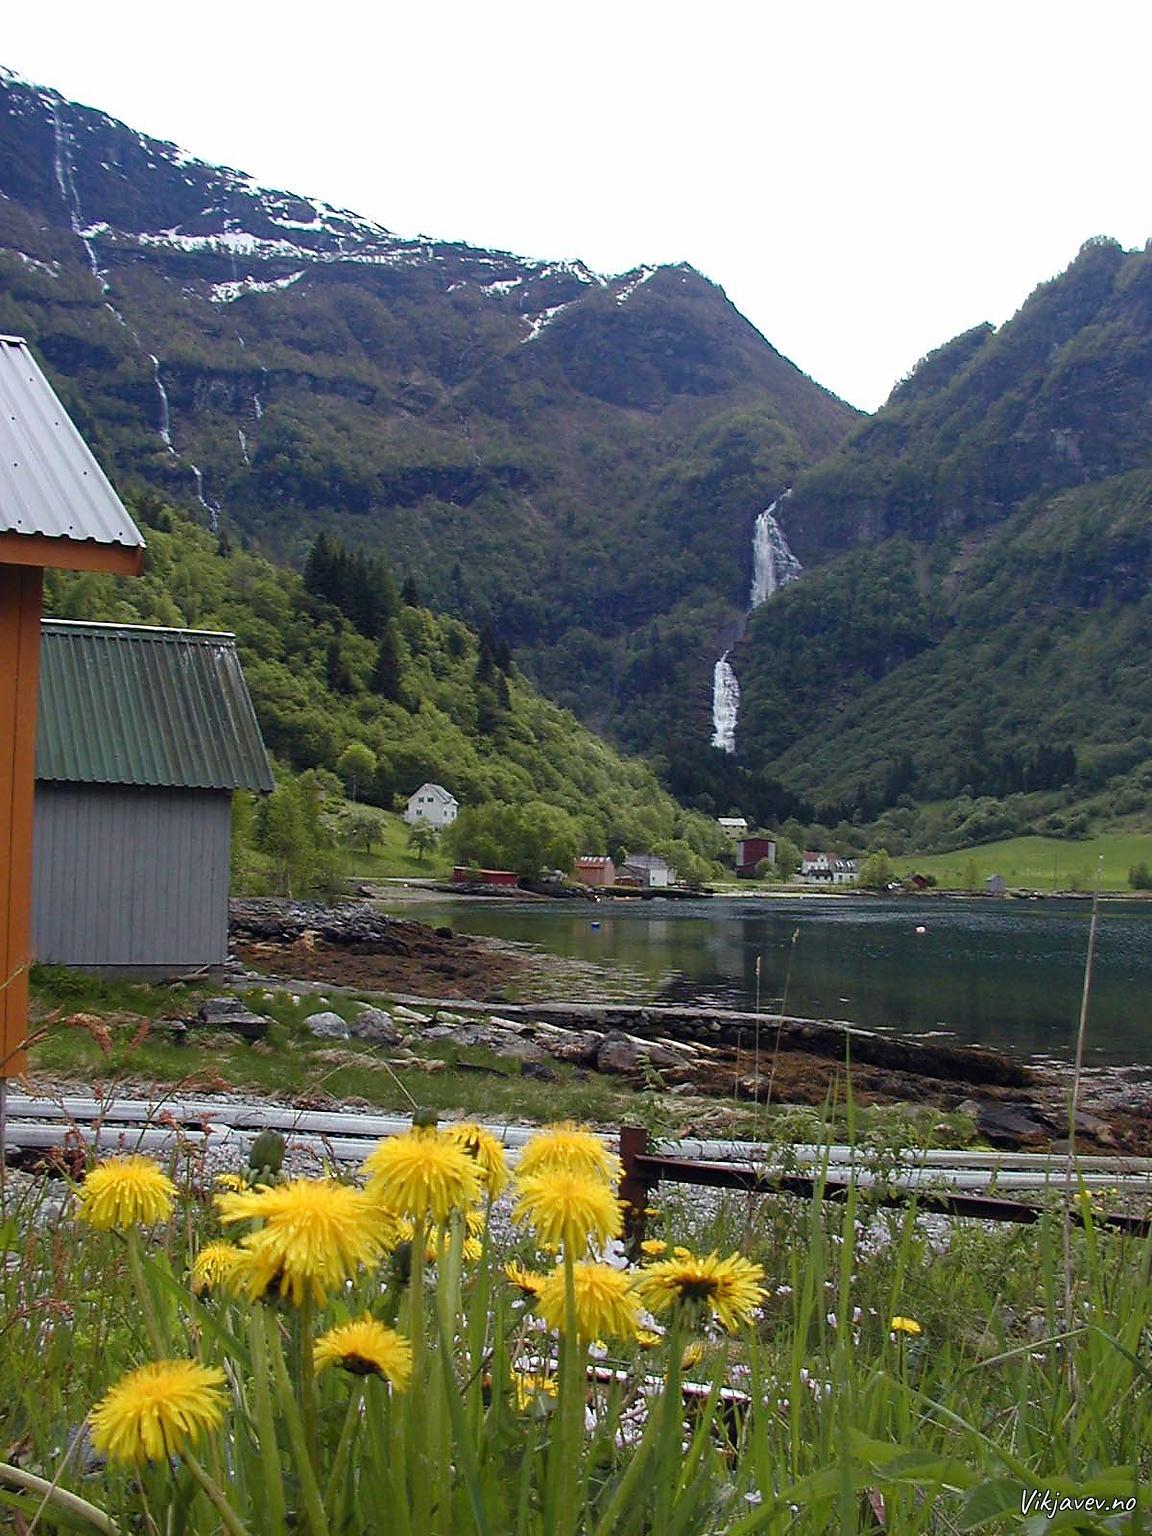 Frå Indrefjorden